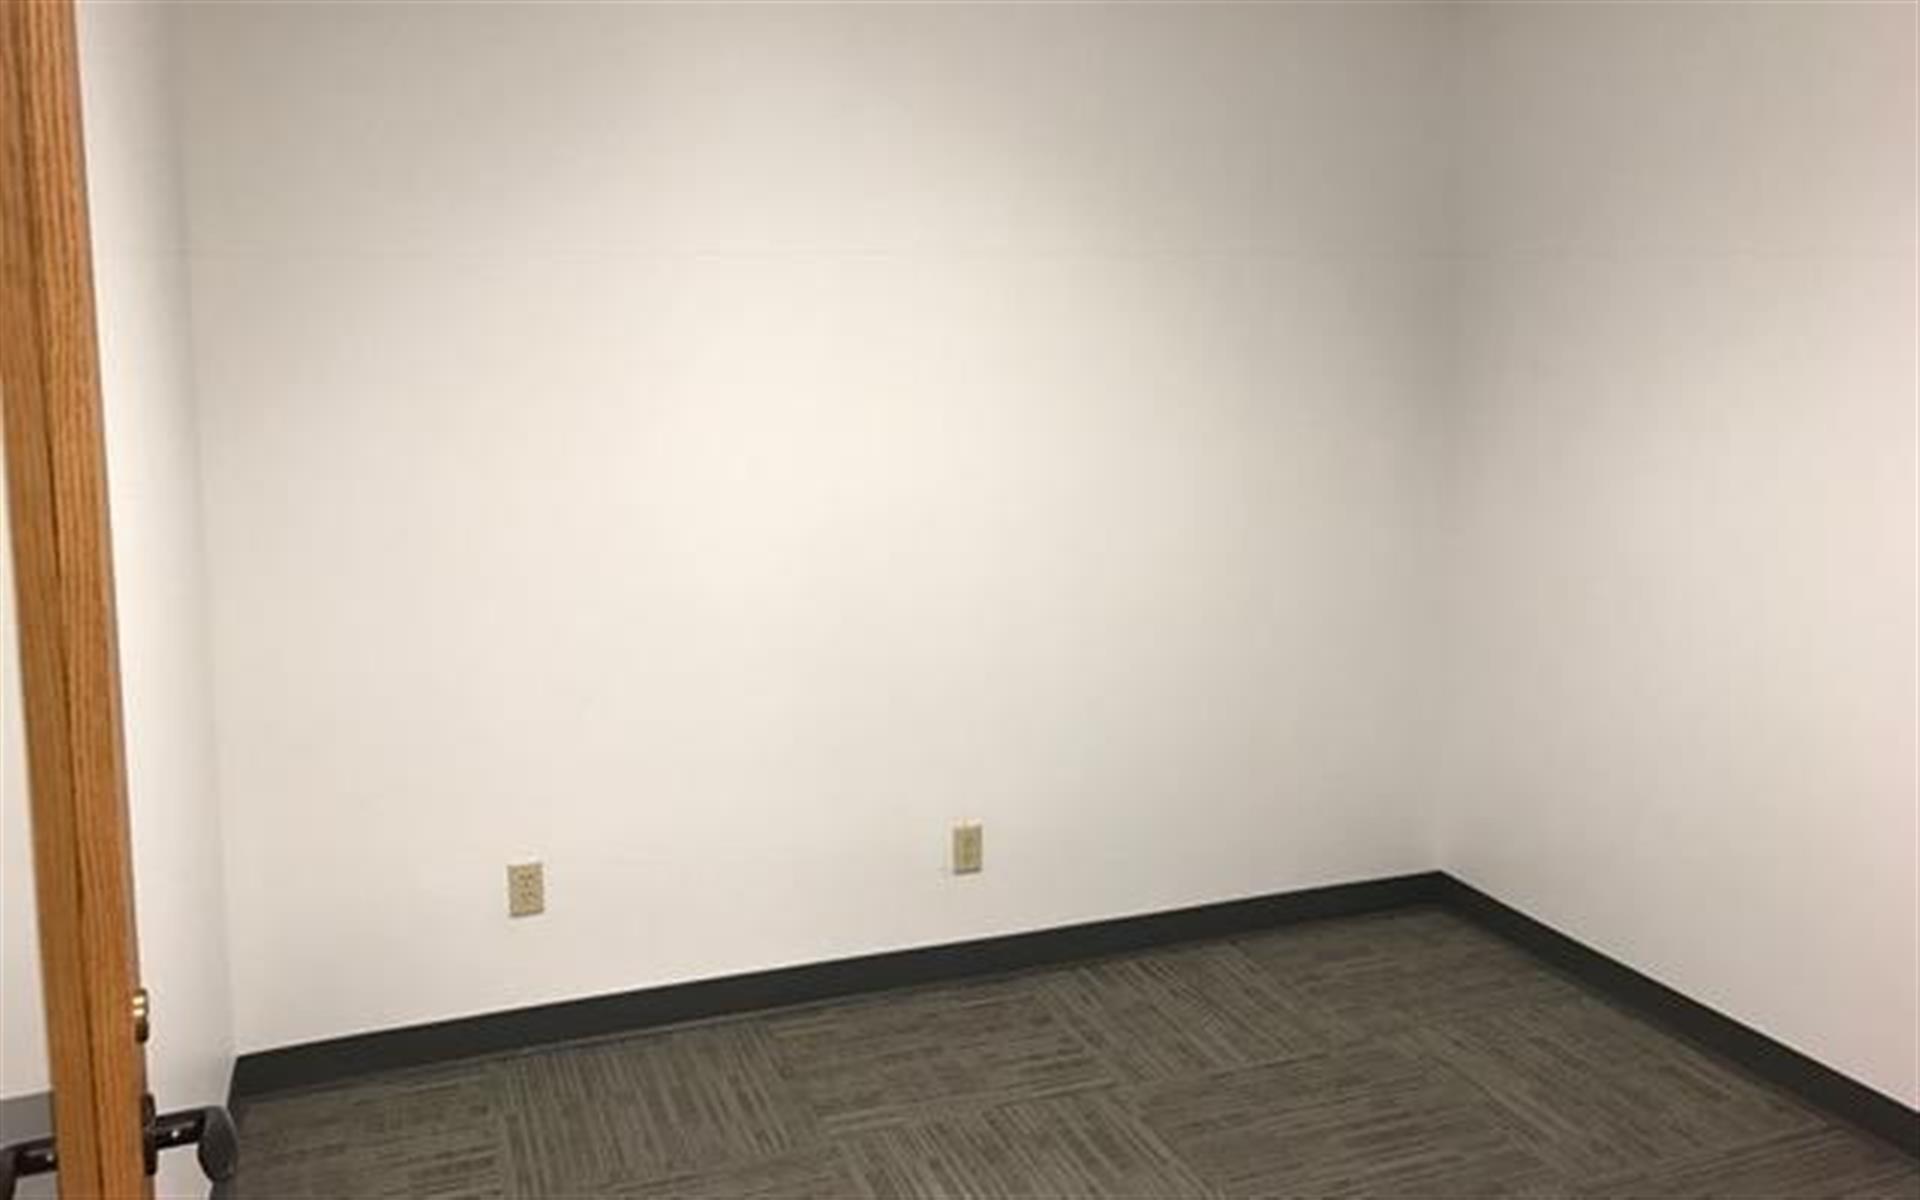 Office Space in Bellevue 405/520 Corridor - Interior Office 2